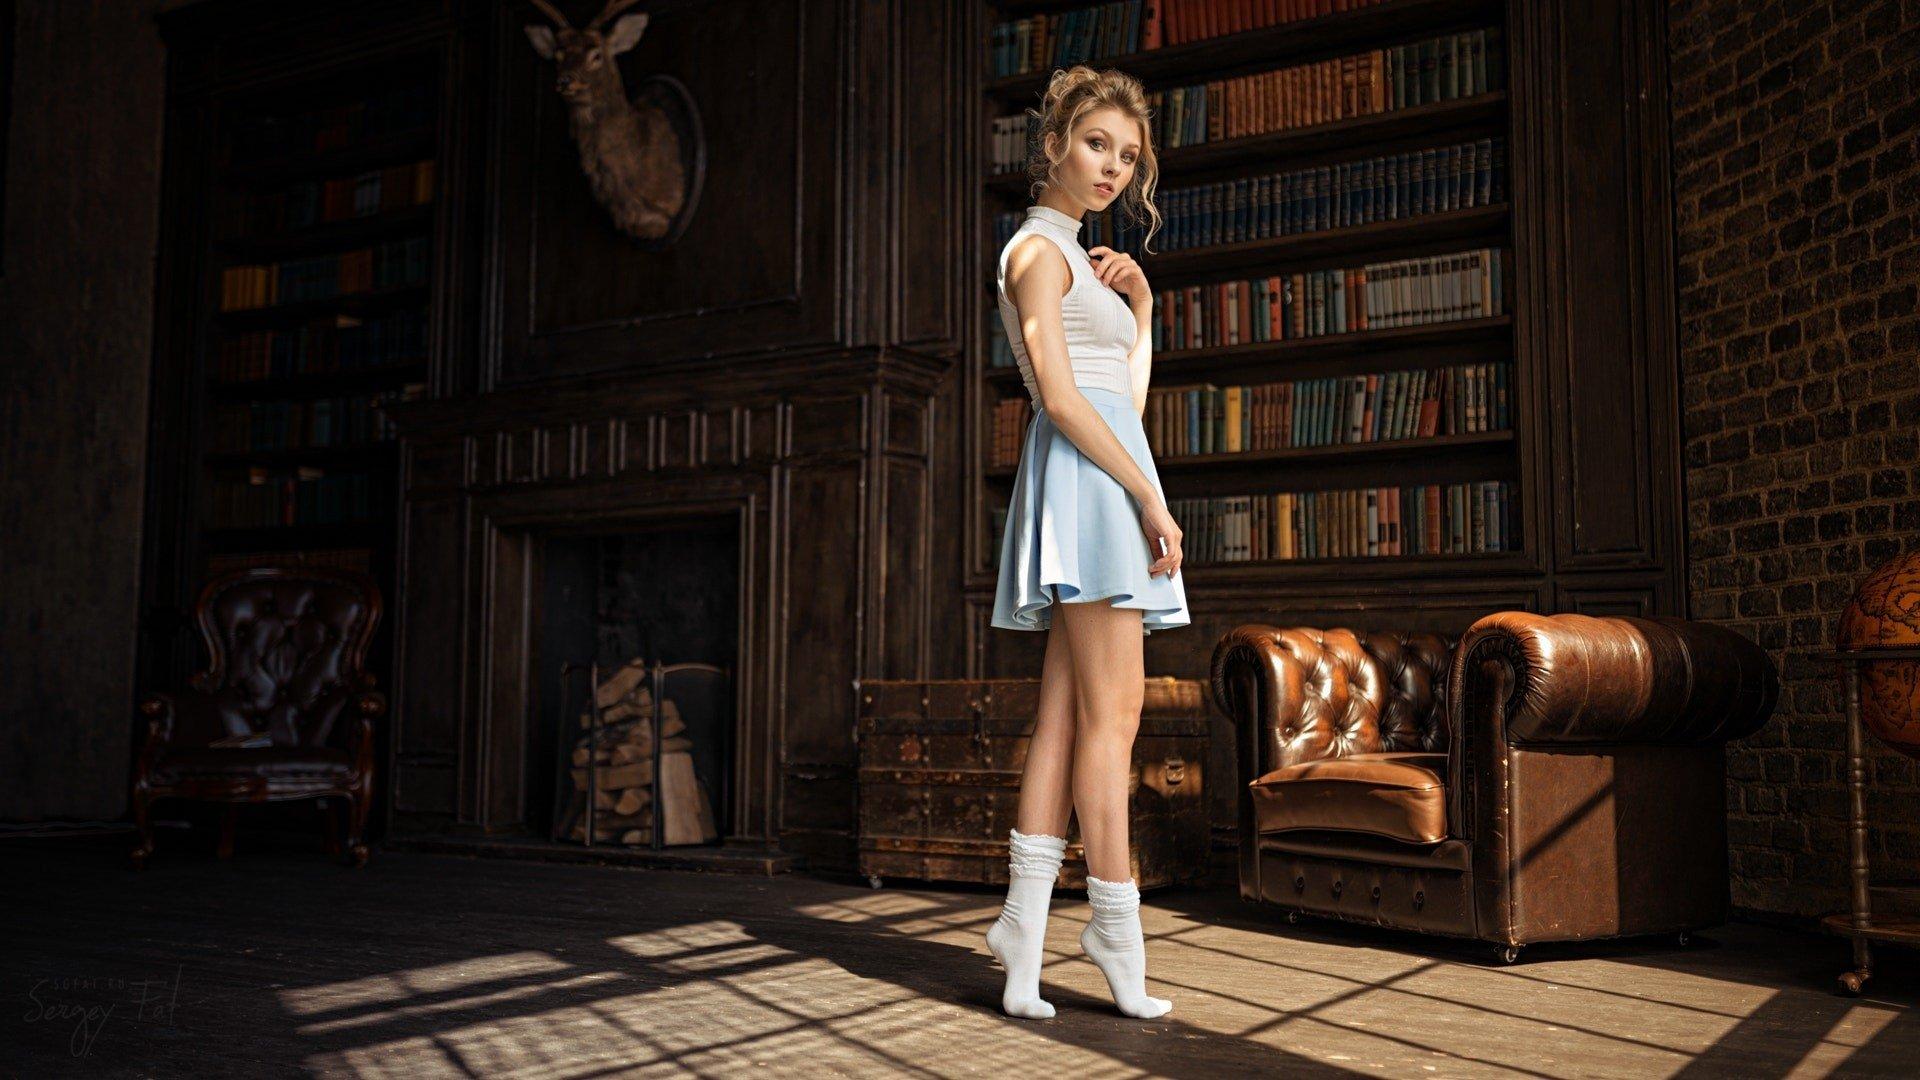 Women - Alice Tarasenko  Woman Model Girl Skirt Blonde Library Fireplace Wallpaper